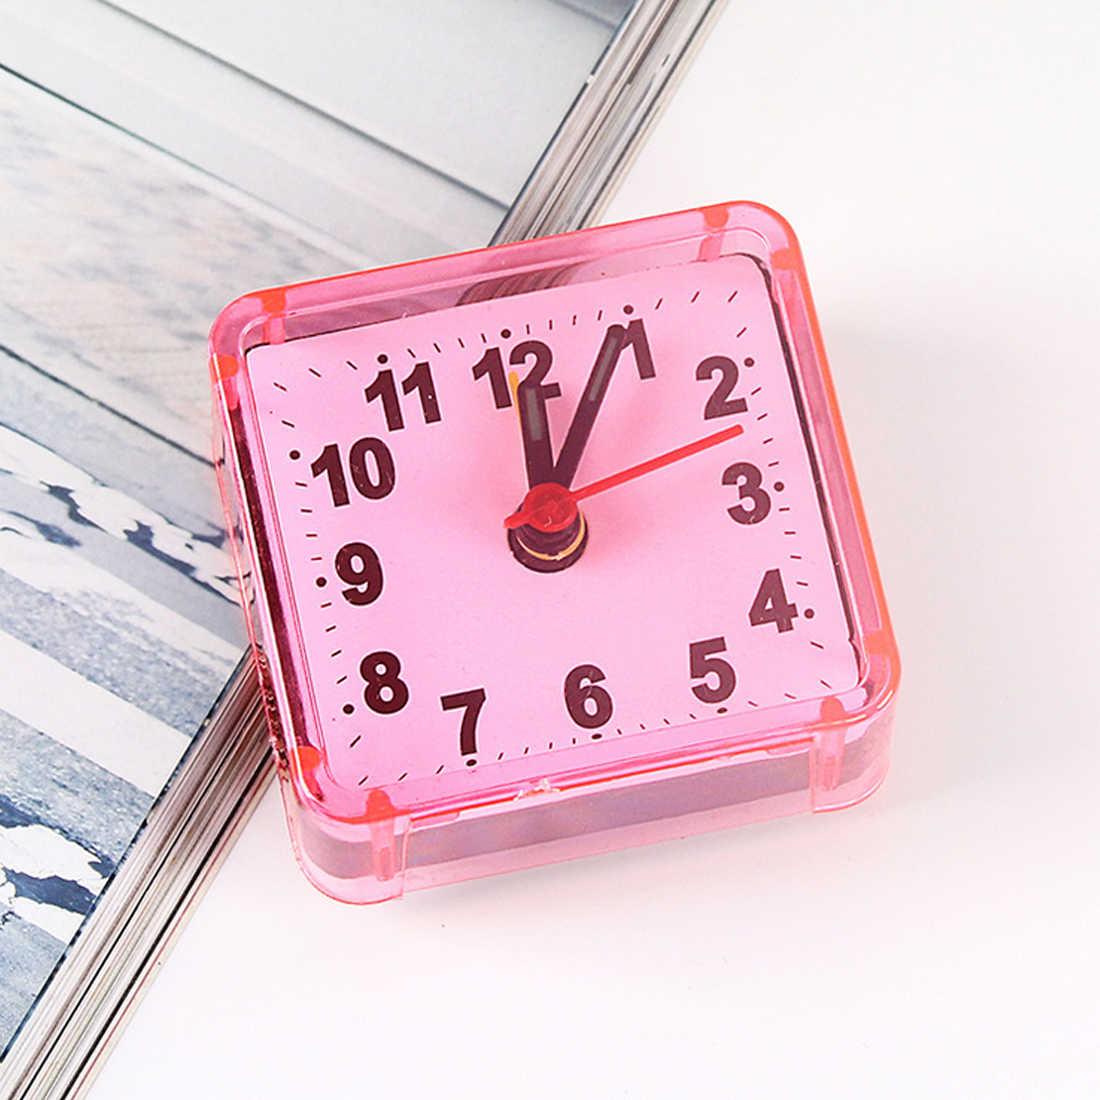 Bunte Quadratische Kleine Bett Wecker Transparent Fall Compact Travel Uhr Mini Kinder Student Schreibtisch Uhr Home Schlafzimmer Dekor